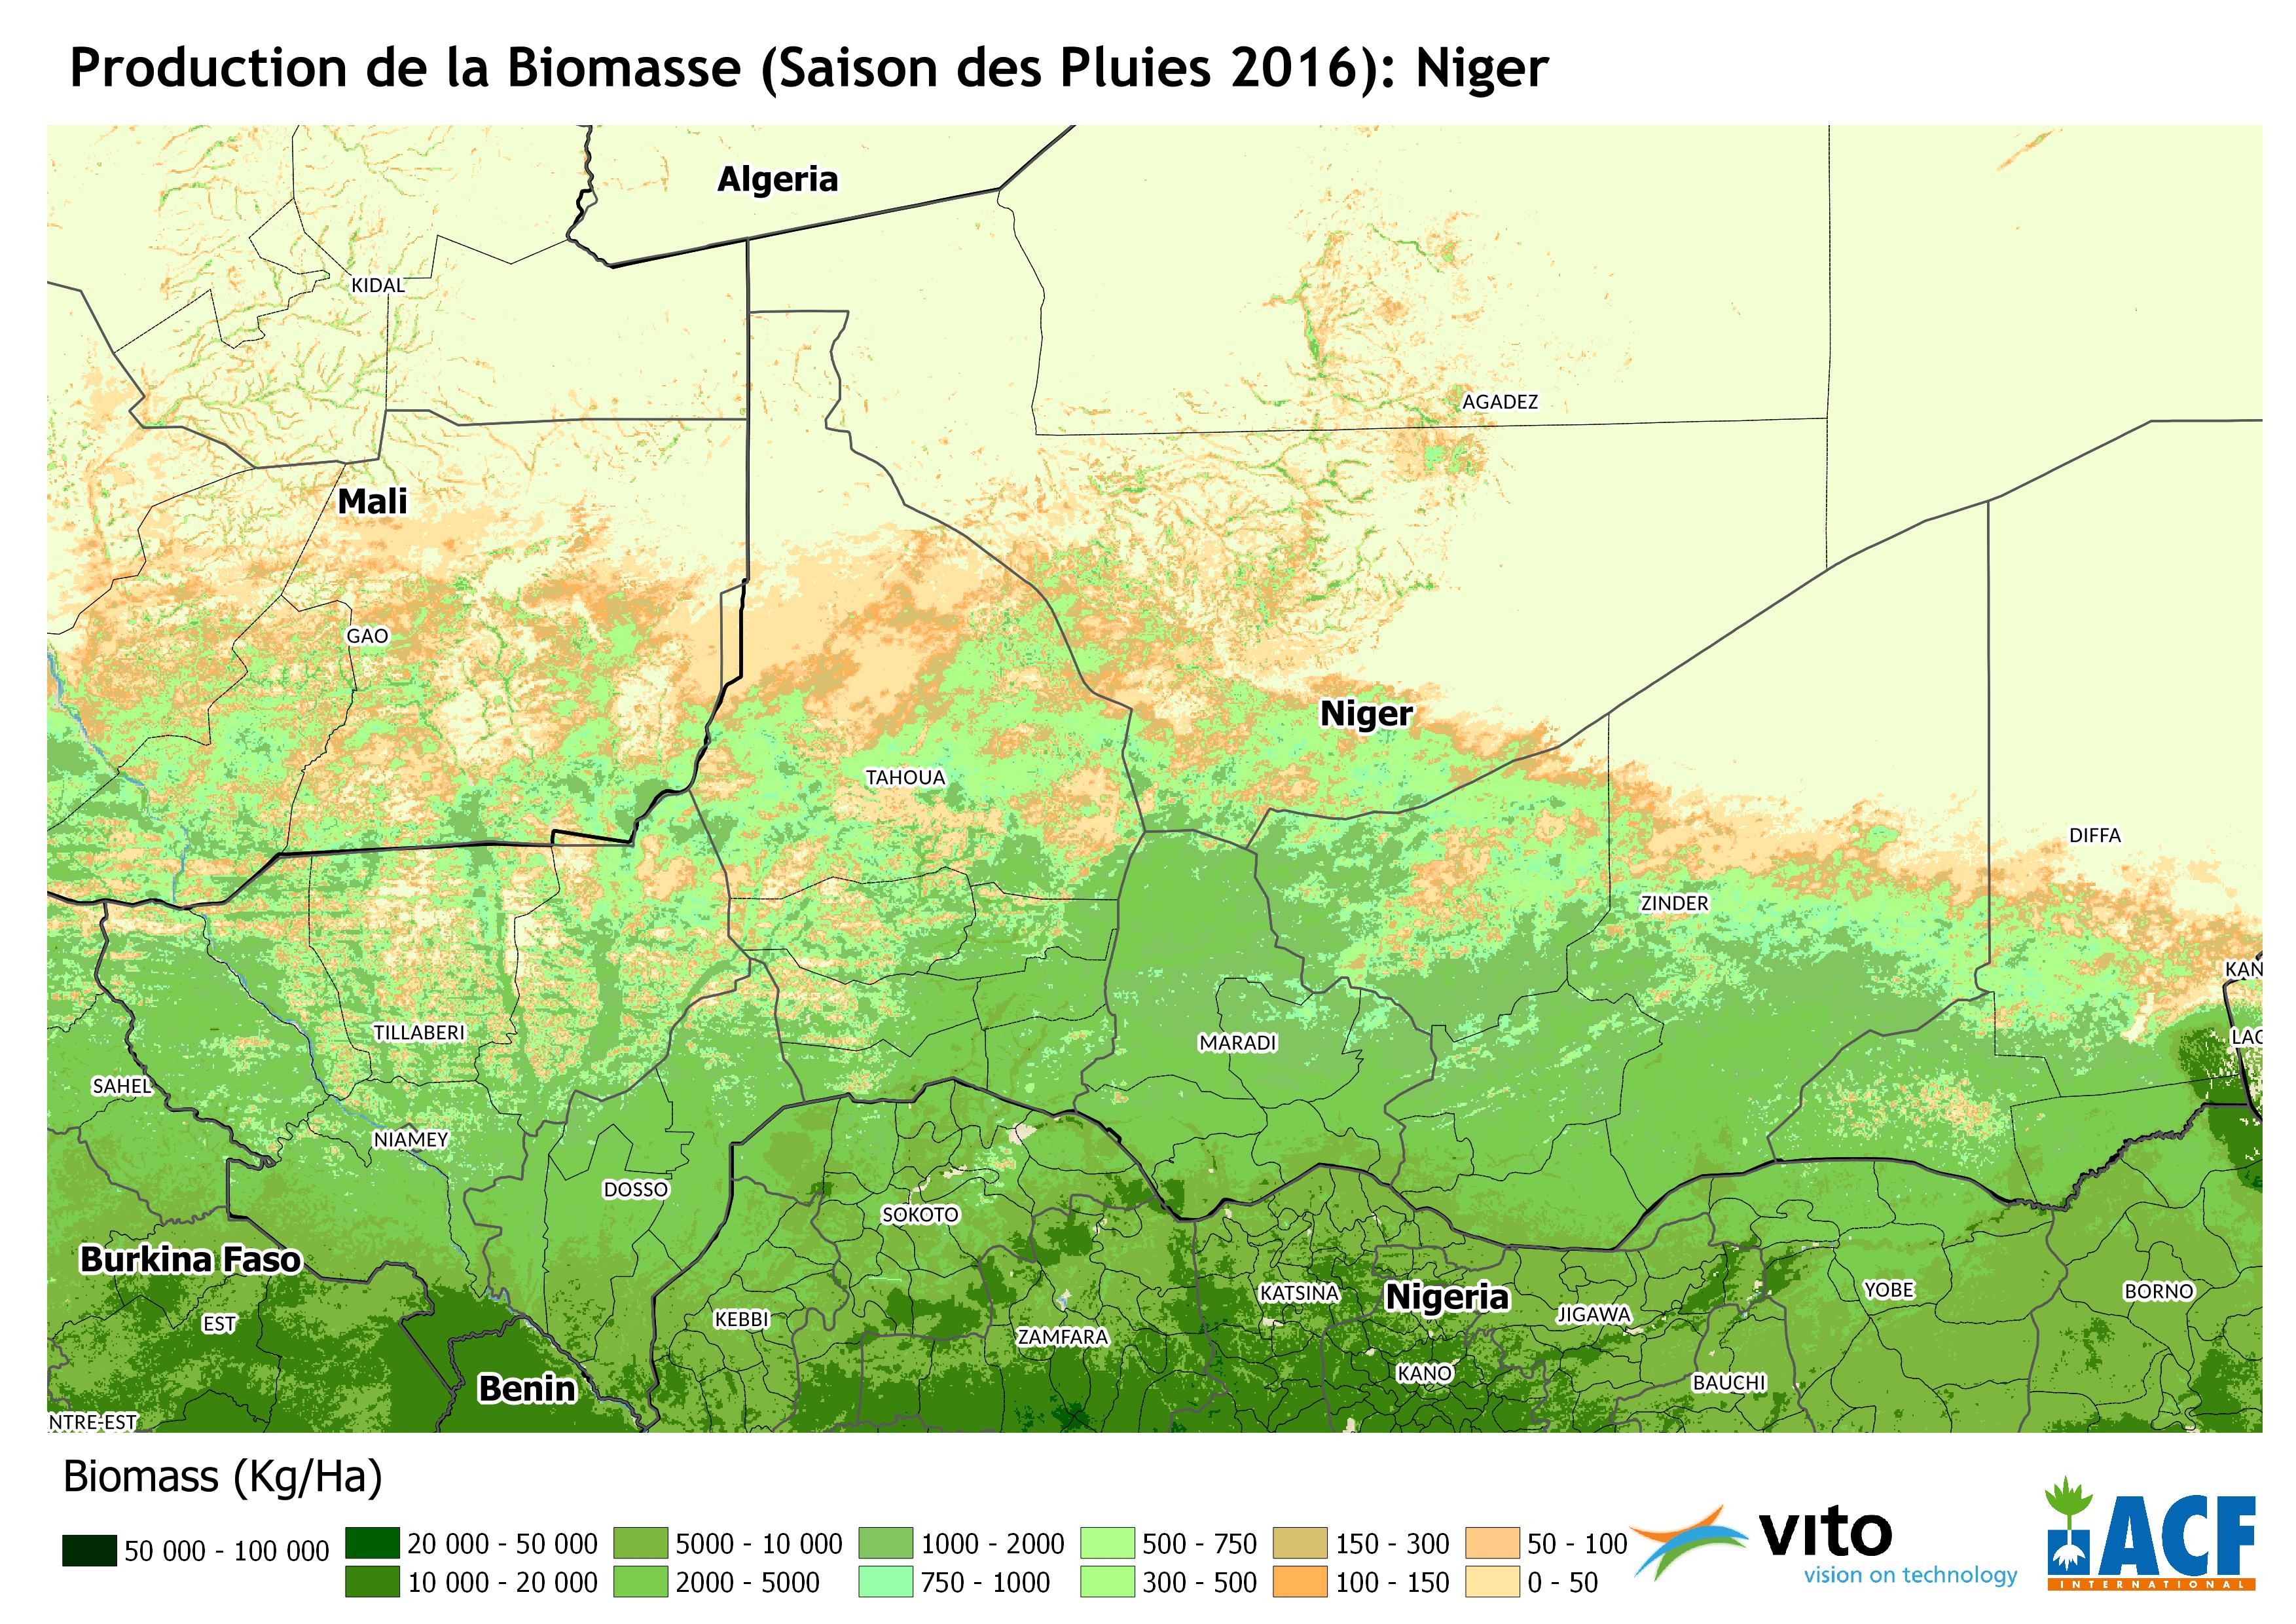 Production de la Biomasse 2016